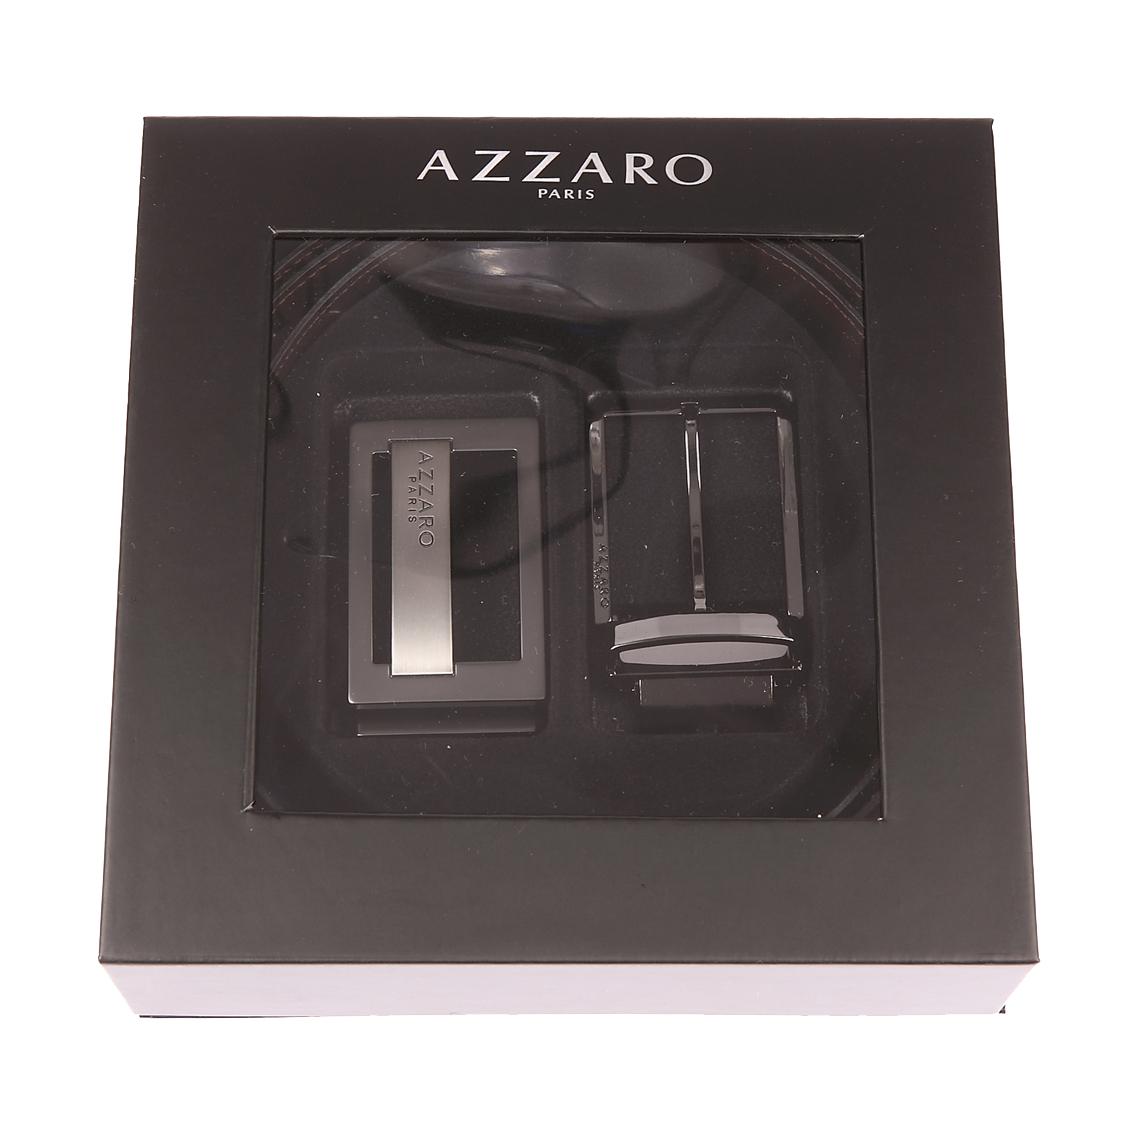 Coffret ceinture ajustable Azzaro en refente de cuir de vachette noir réversible marron : boucle à poinçon gravée et boucle à ardillon gravée